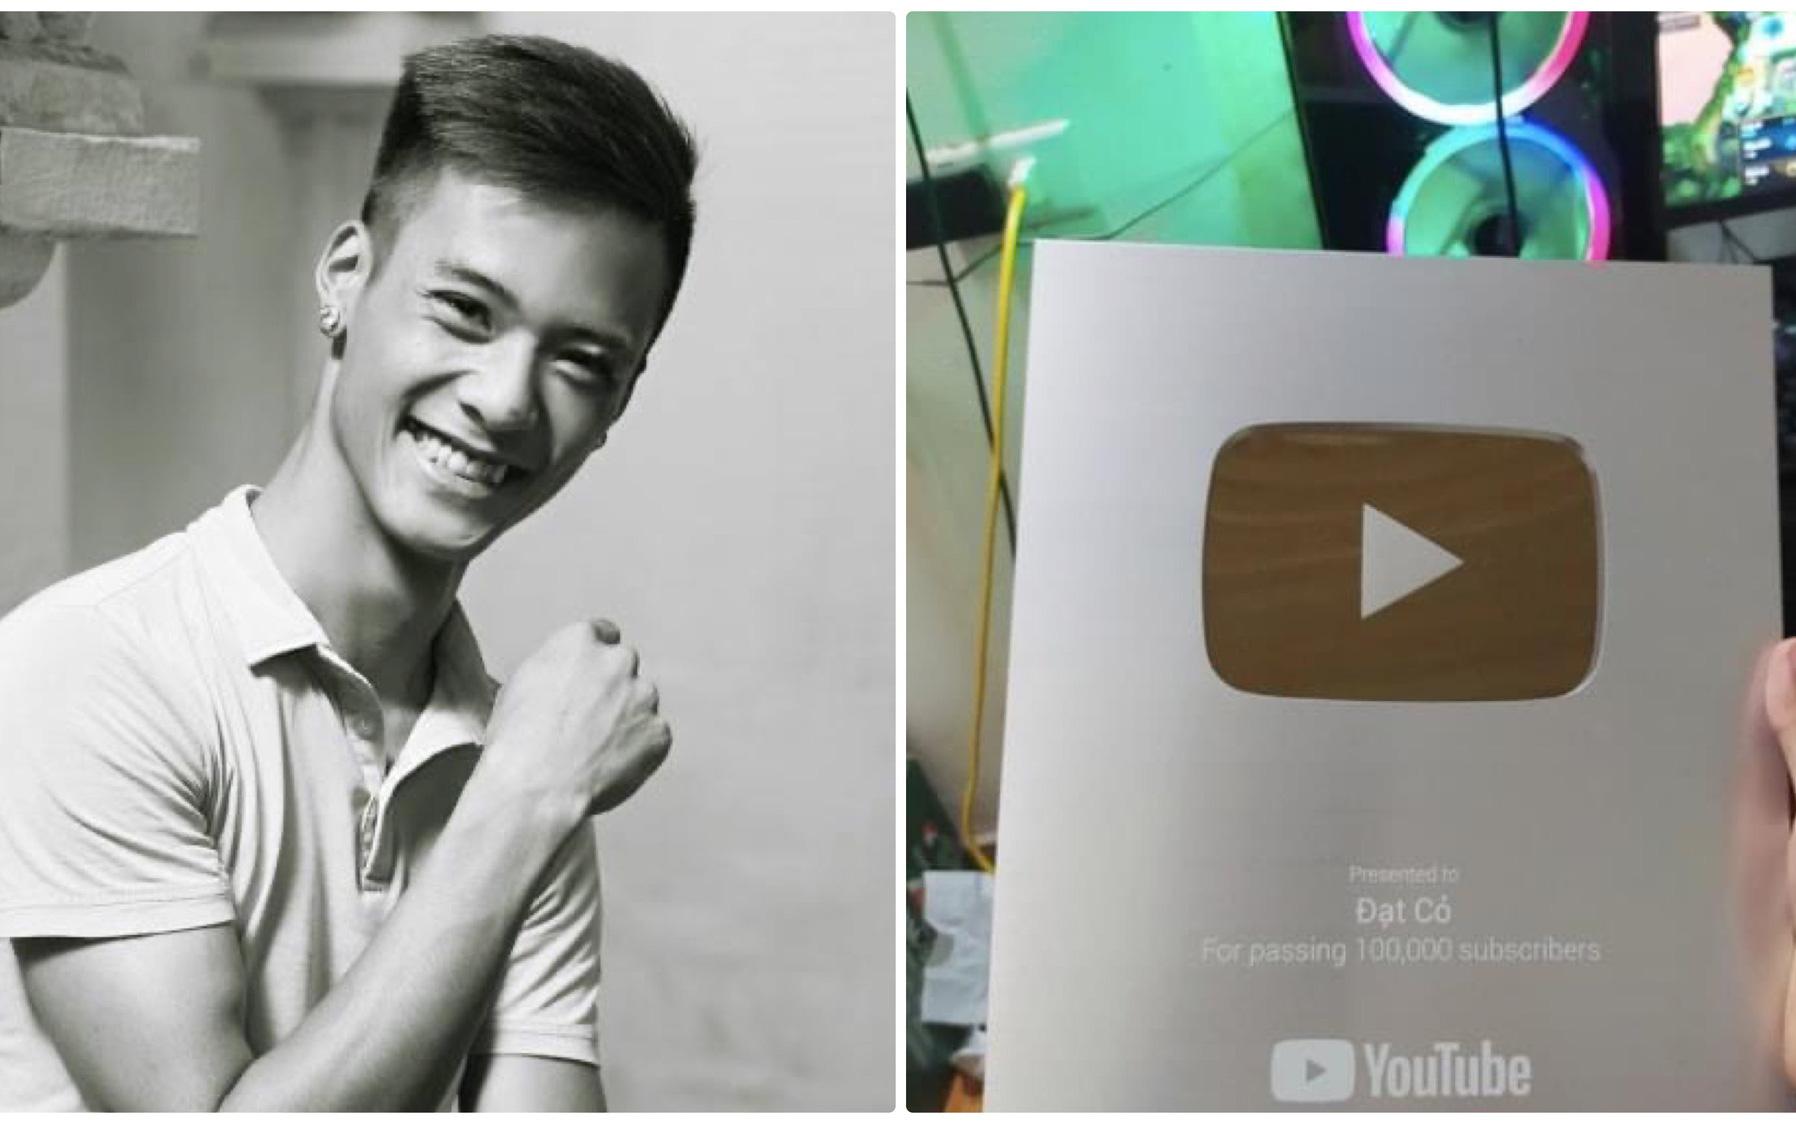 4 năm sau ngày mất, Đạt Cỏ - ''bản sao Tuấn Hưng'' một thời đã đạt được ước mơ có nút bạc YouTube